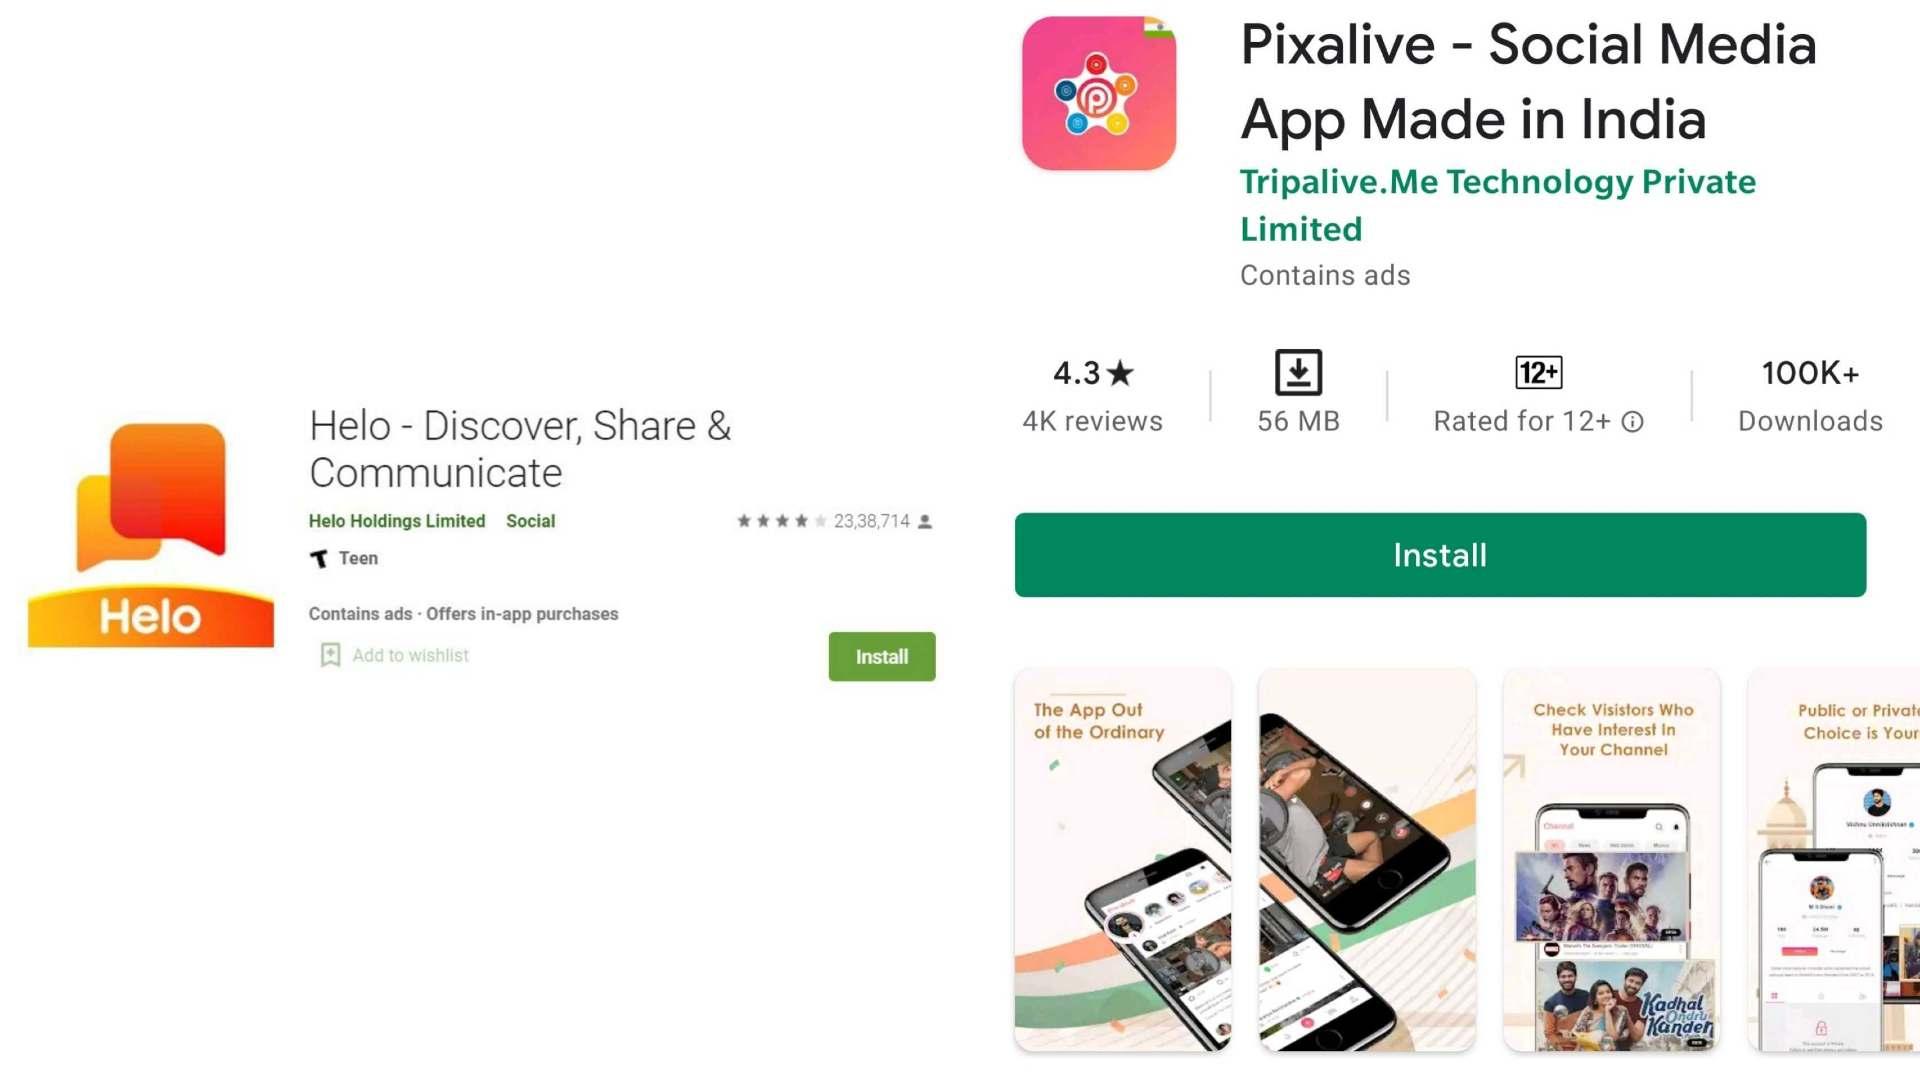 Helo-Pixalive